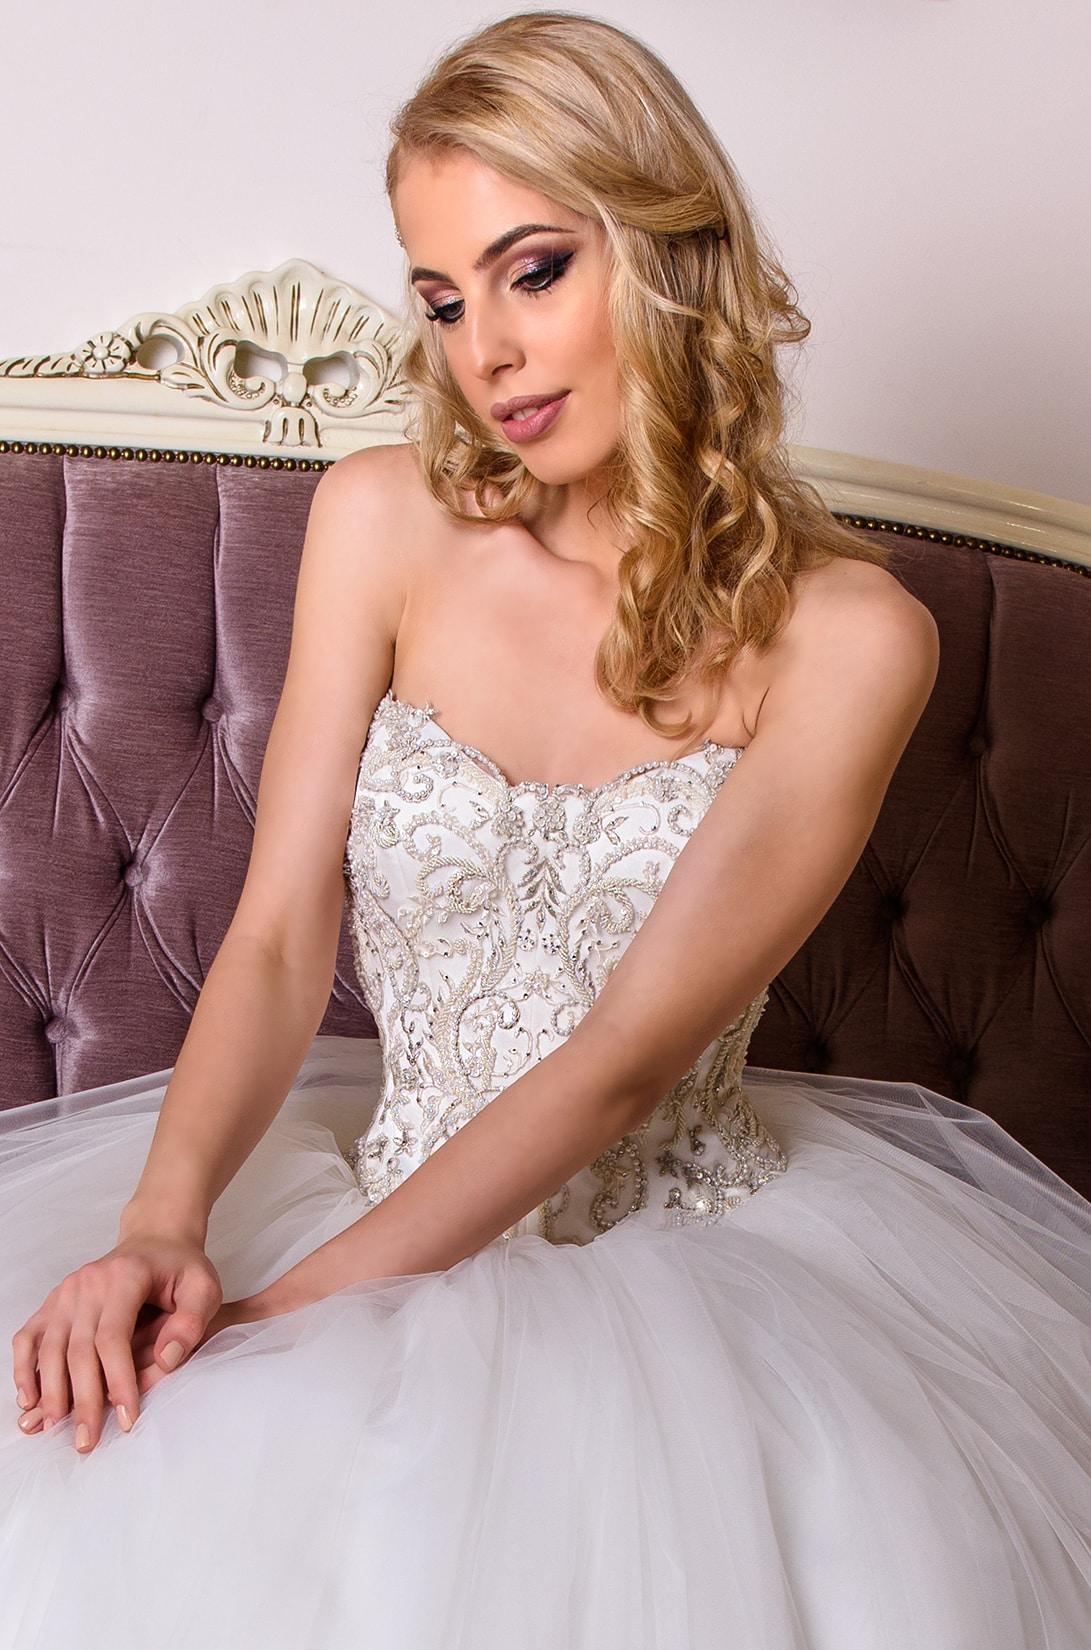 Nonna Model - Colectia Baroque - Adora Sposa (3)